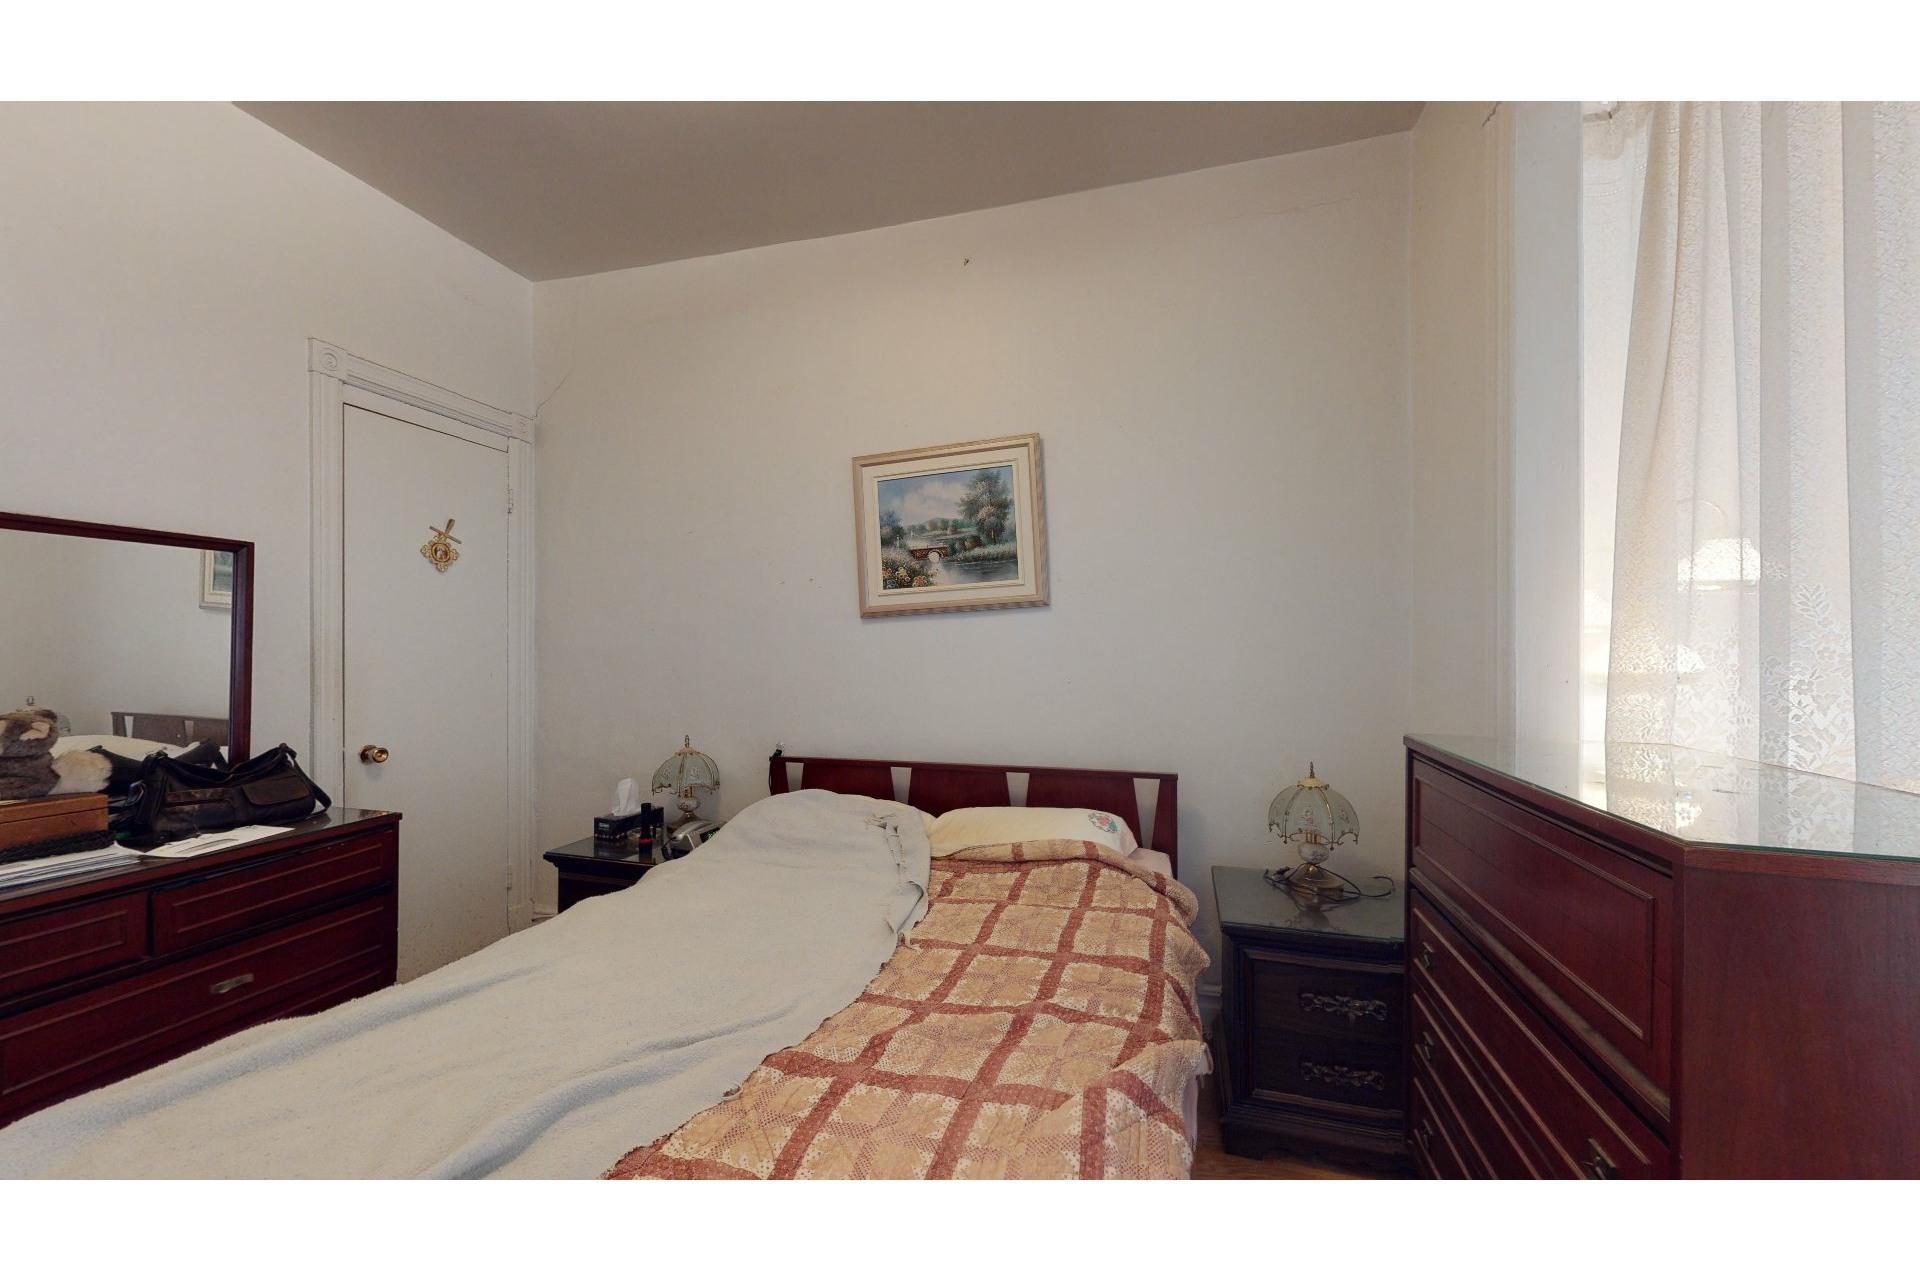 image 27 - Duplex À vendre Rosemont/La Petite-Patrie Montréal  - 7 pièces